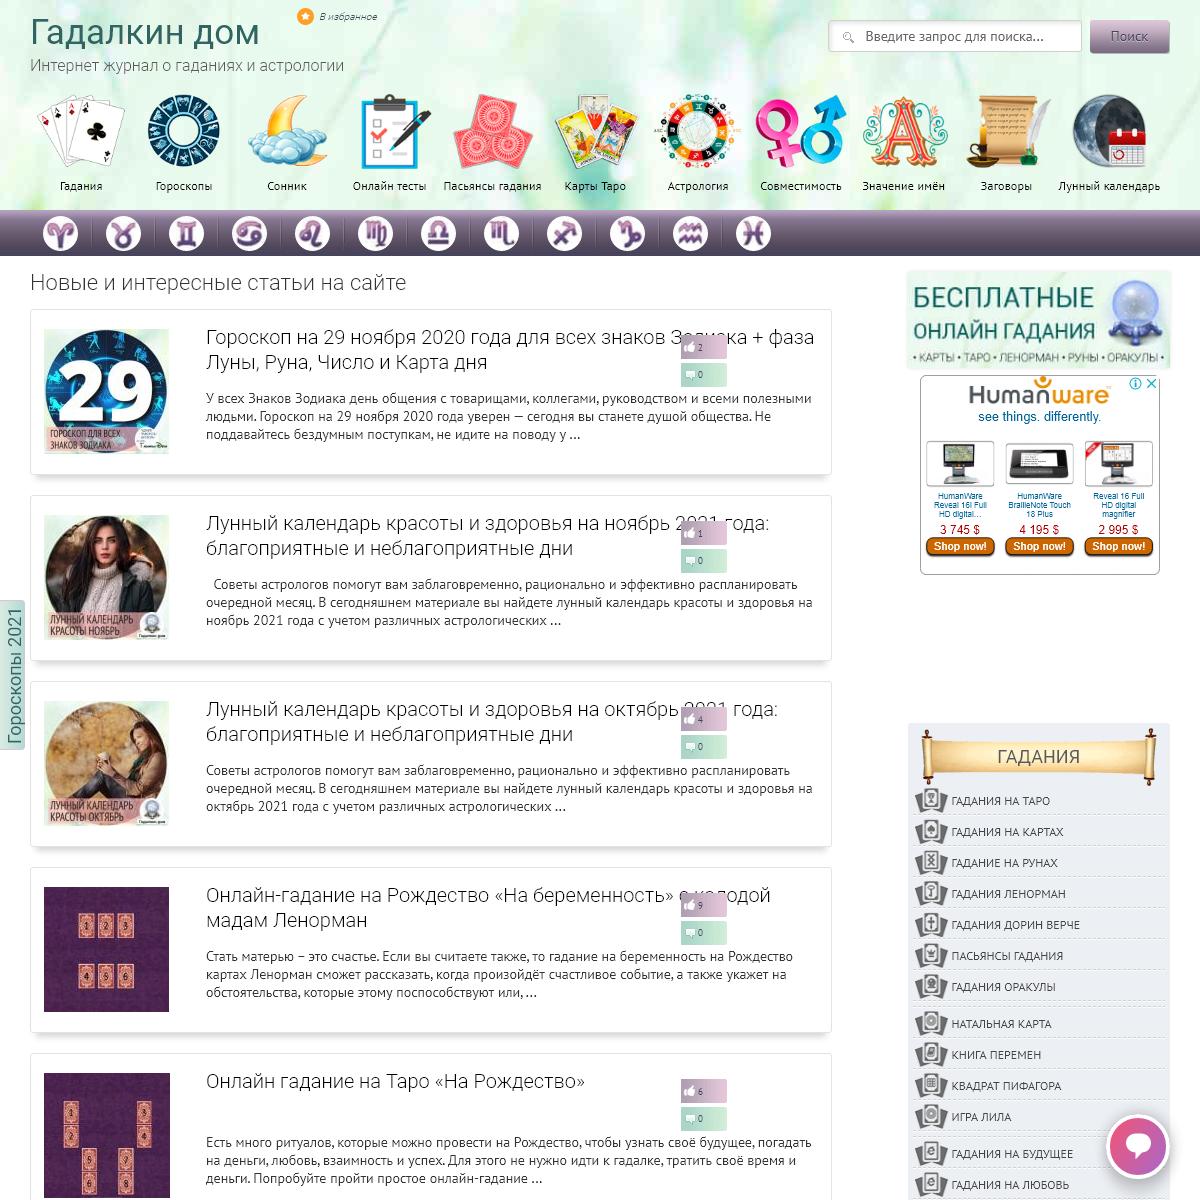 Гадалкин Дом - онлайн гадания, гороскопы, сонники, тесты, пасьянсы